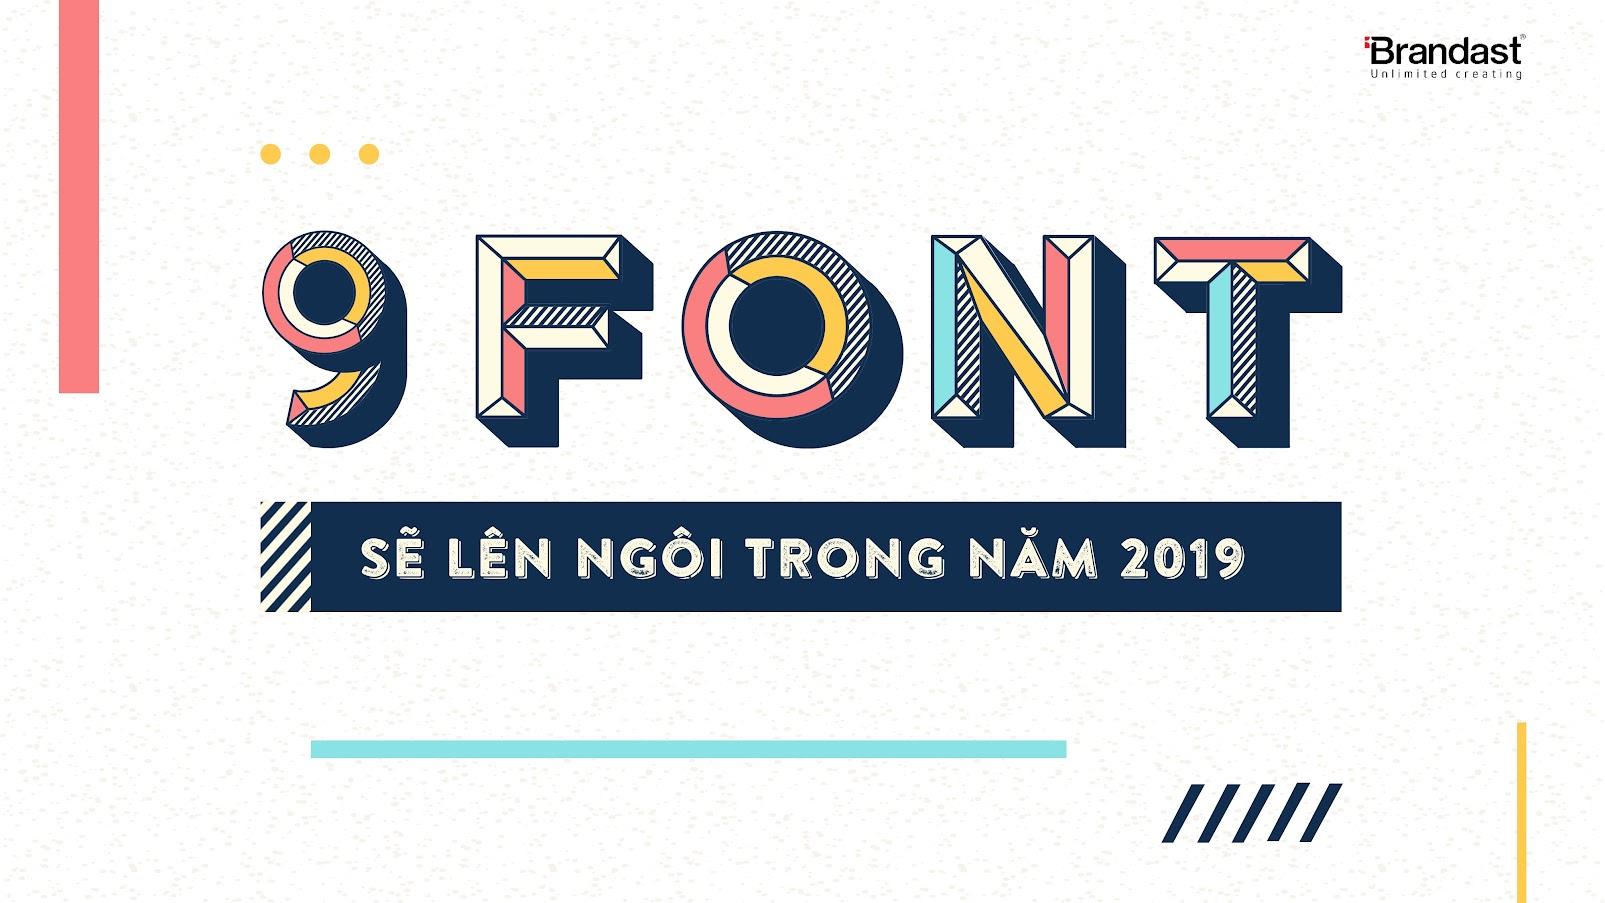 9-font-noi-bat-2019